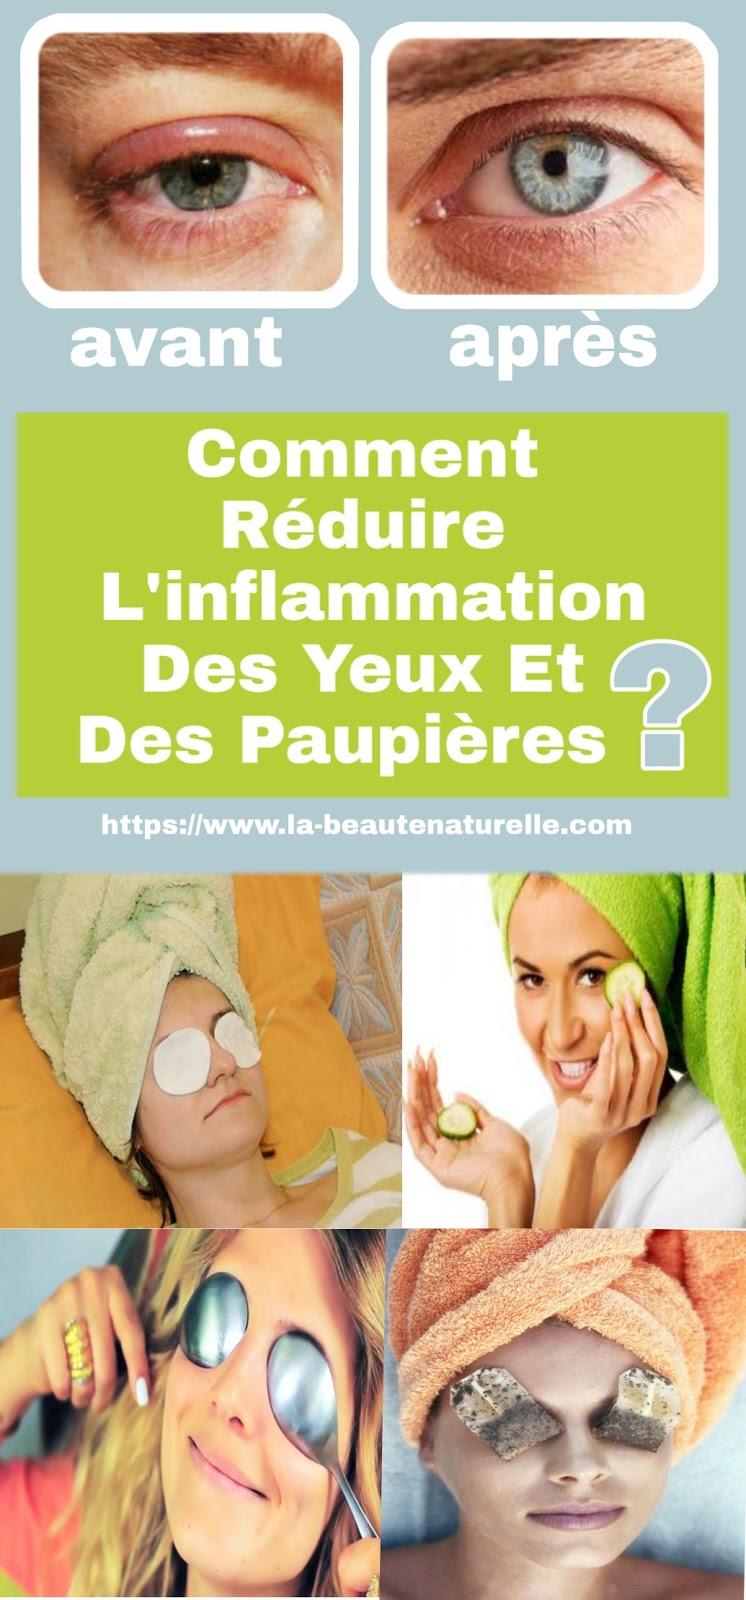 Comment Réduire L'inflammation Des Yeux Et Des Paupières?